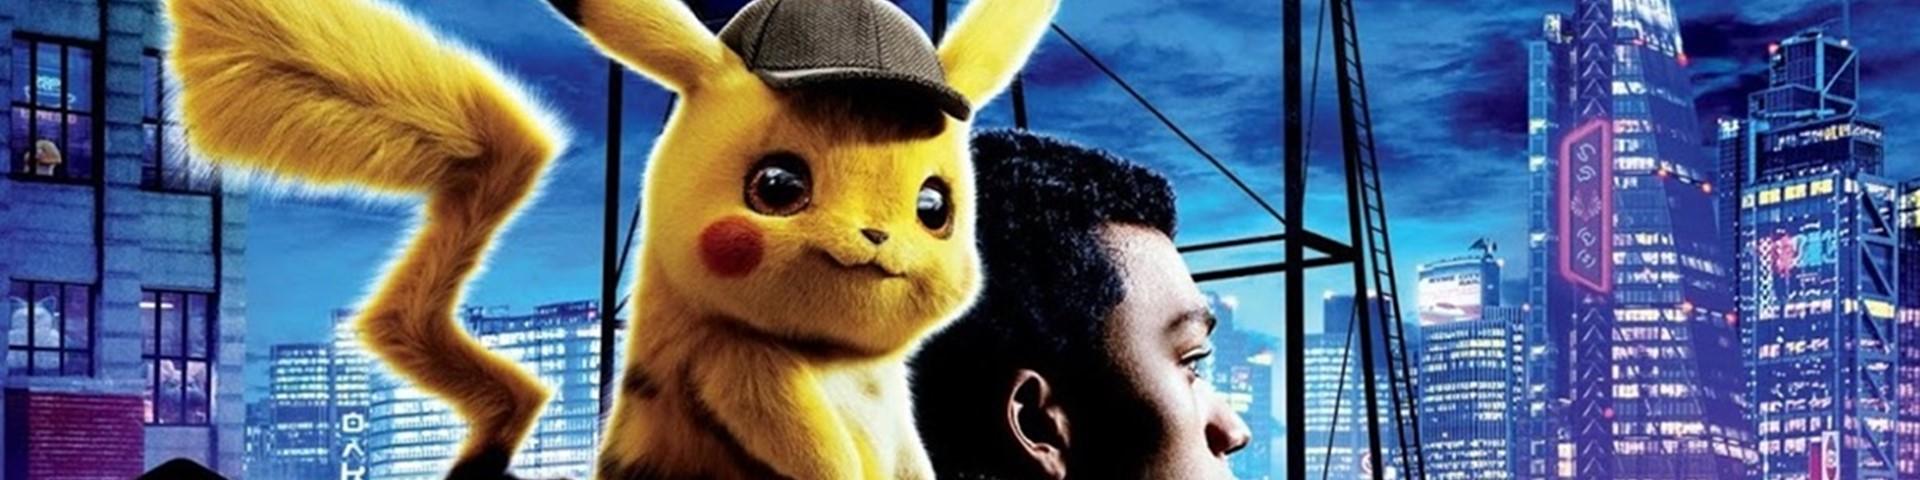 'Detetive Pikachu' e o marketing certeiro no cinema